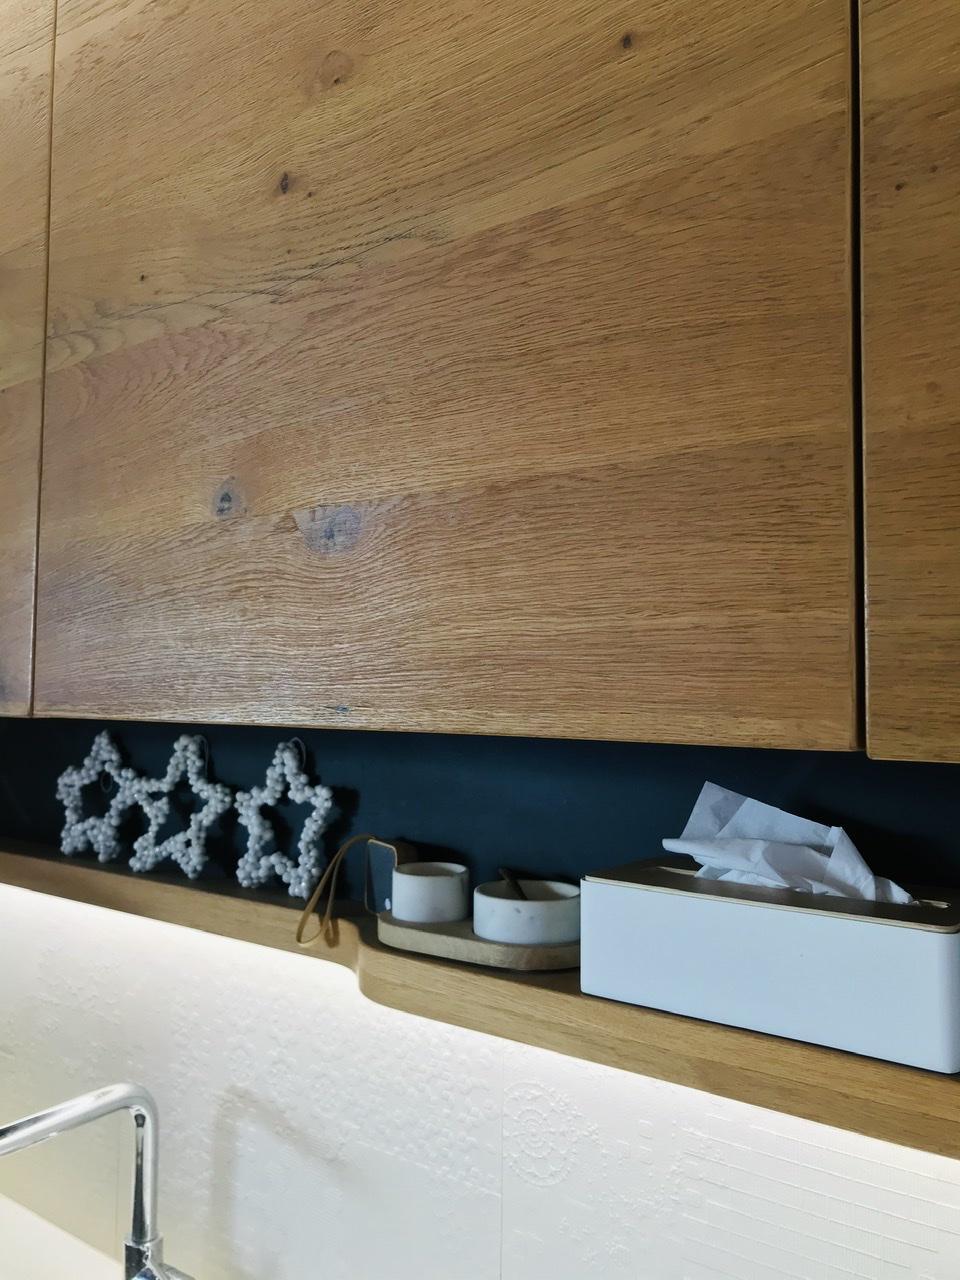 Naše L-ko - 2021 - stále dokončujeme - kuchyňa vo farbách: biela, čierna a dubová dýha, kartáčované drevo.